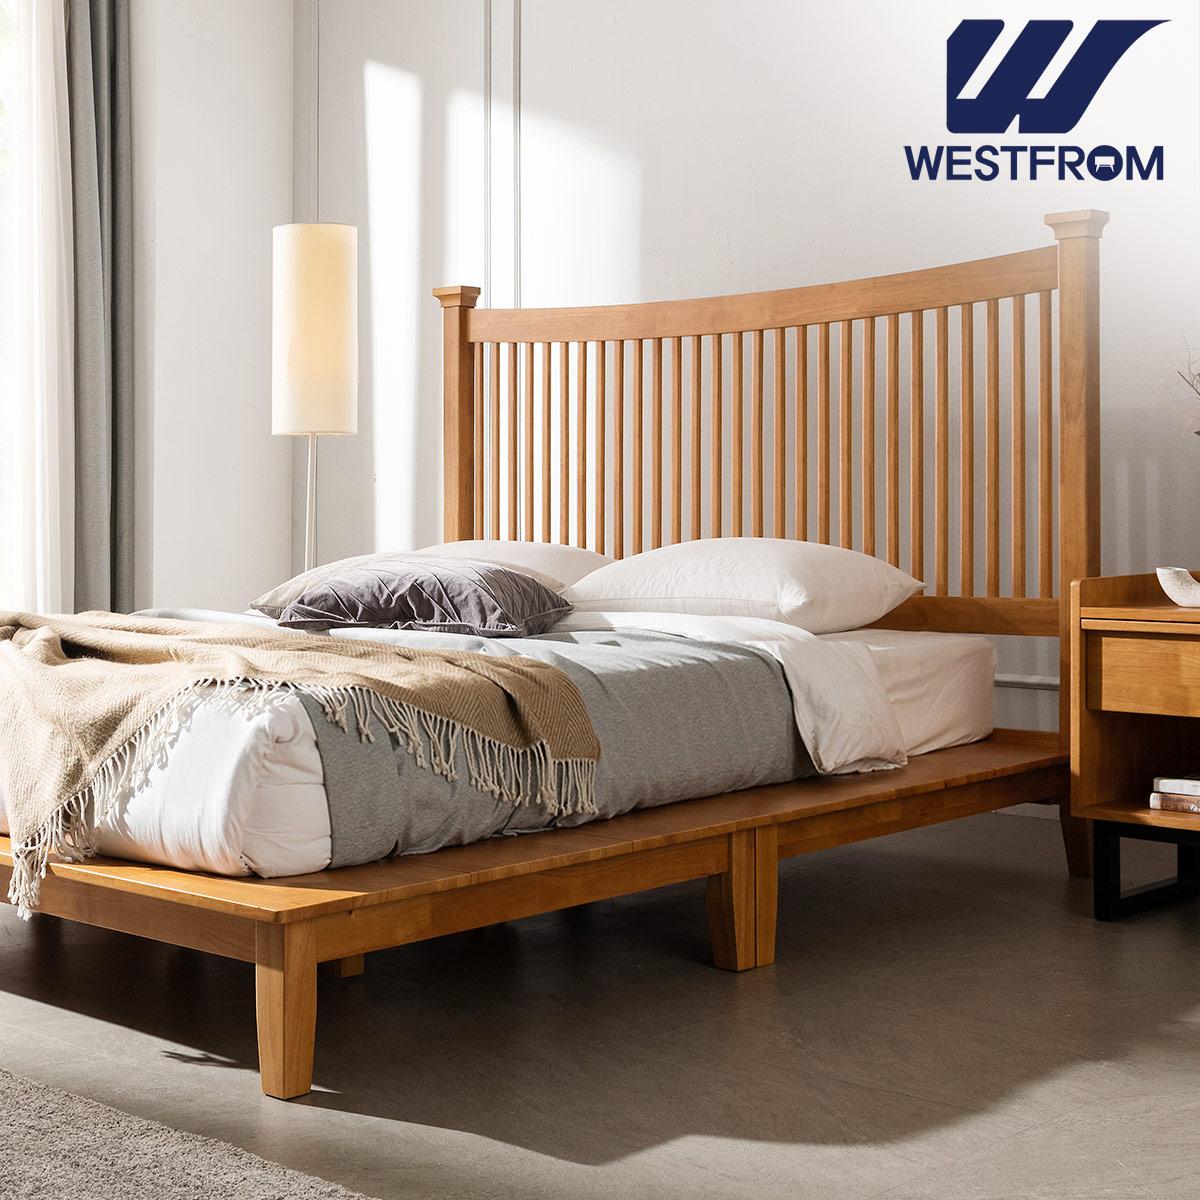 [웨스트프롬] 모던 마가렛) 고무나무원목 평상형 침대(라지K) / 텐더 리버 라지K매트리스 / 전국착불